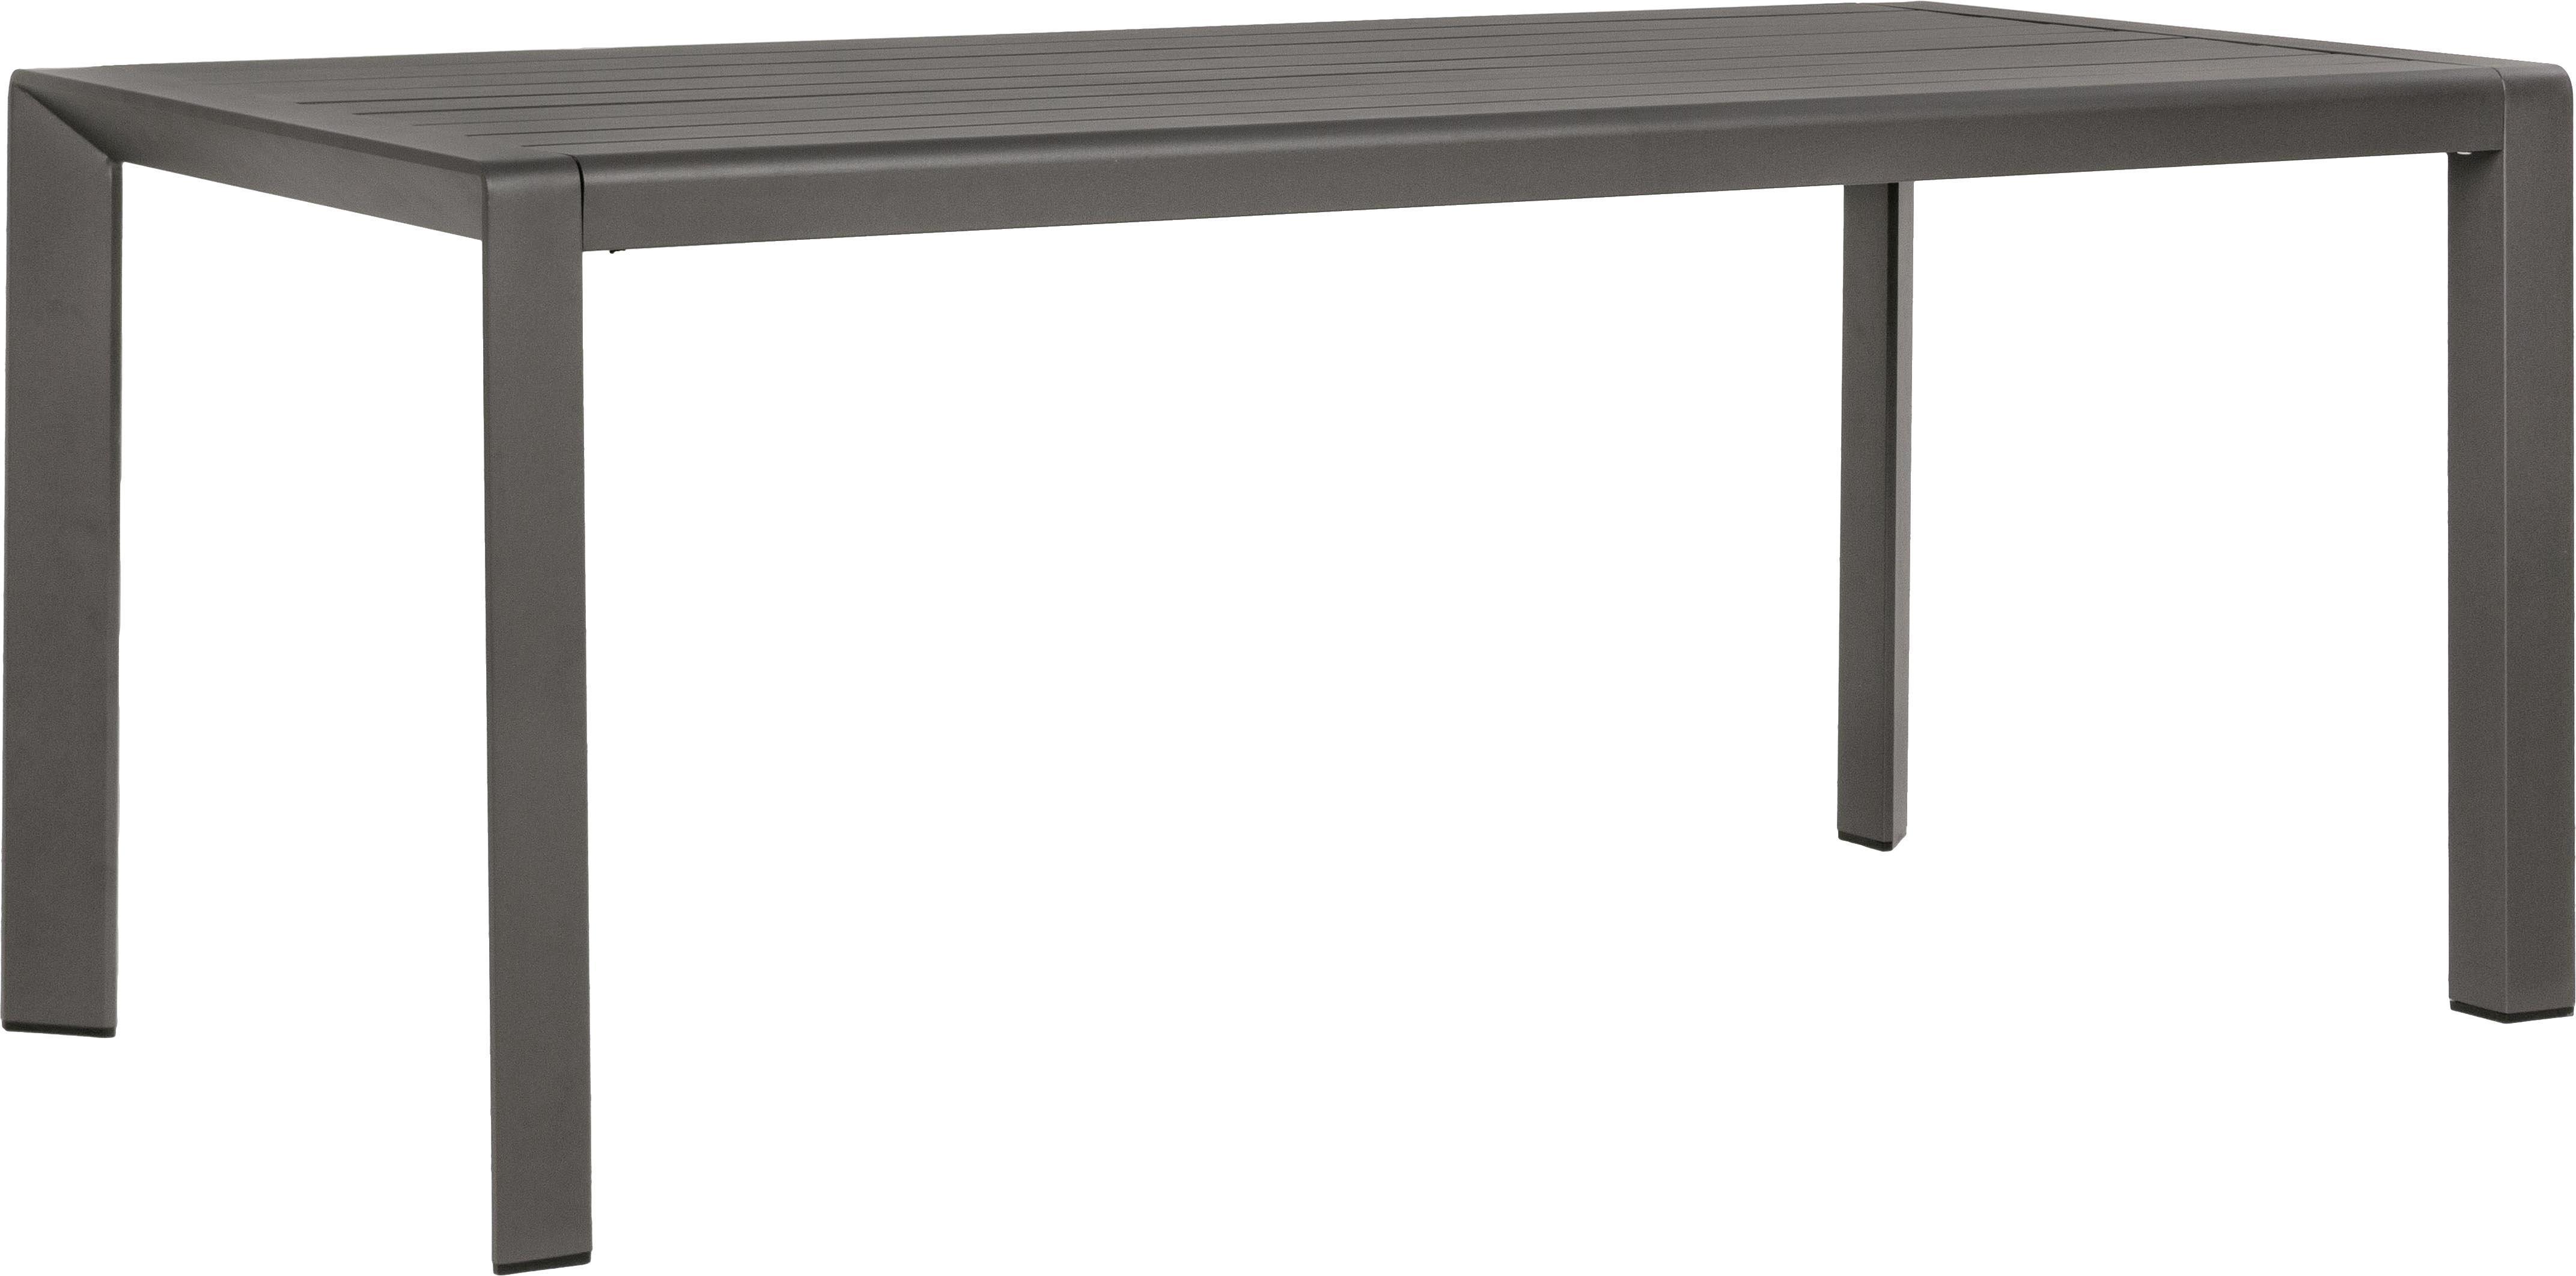 Tavolo da giardino Kirby, Alluminio verniciato a polvere, Antracite, Larg. 180 x Prof. 90 cm